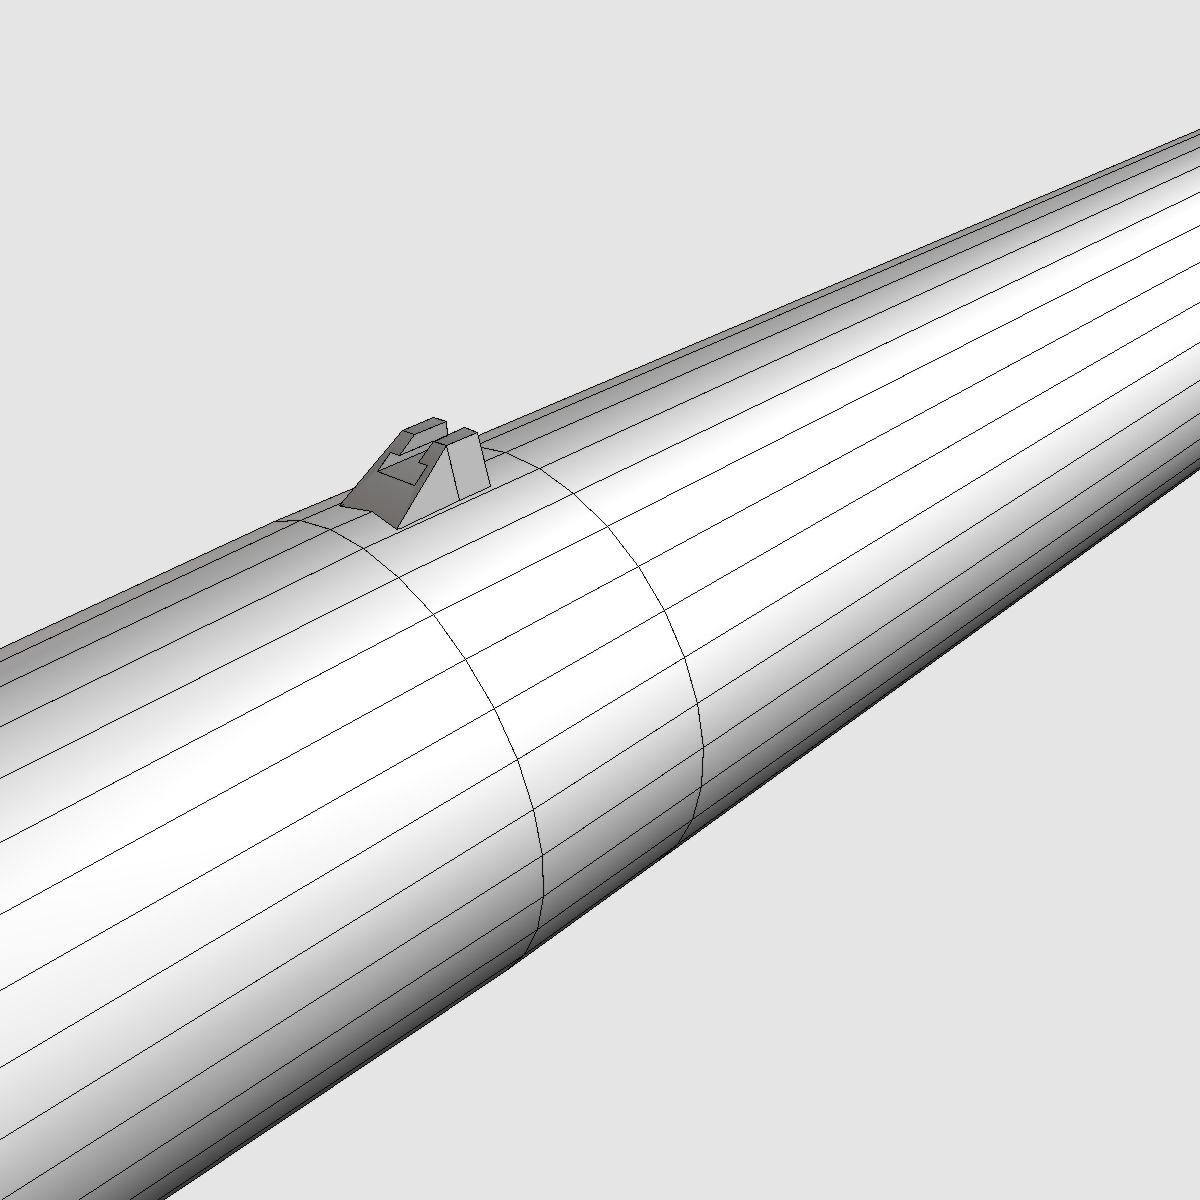 qara brant vb raketin səsləndirilməsi 3d model 3ds dxf cob x obj 150880